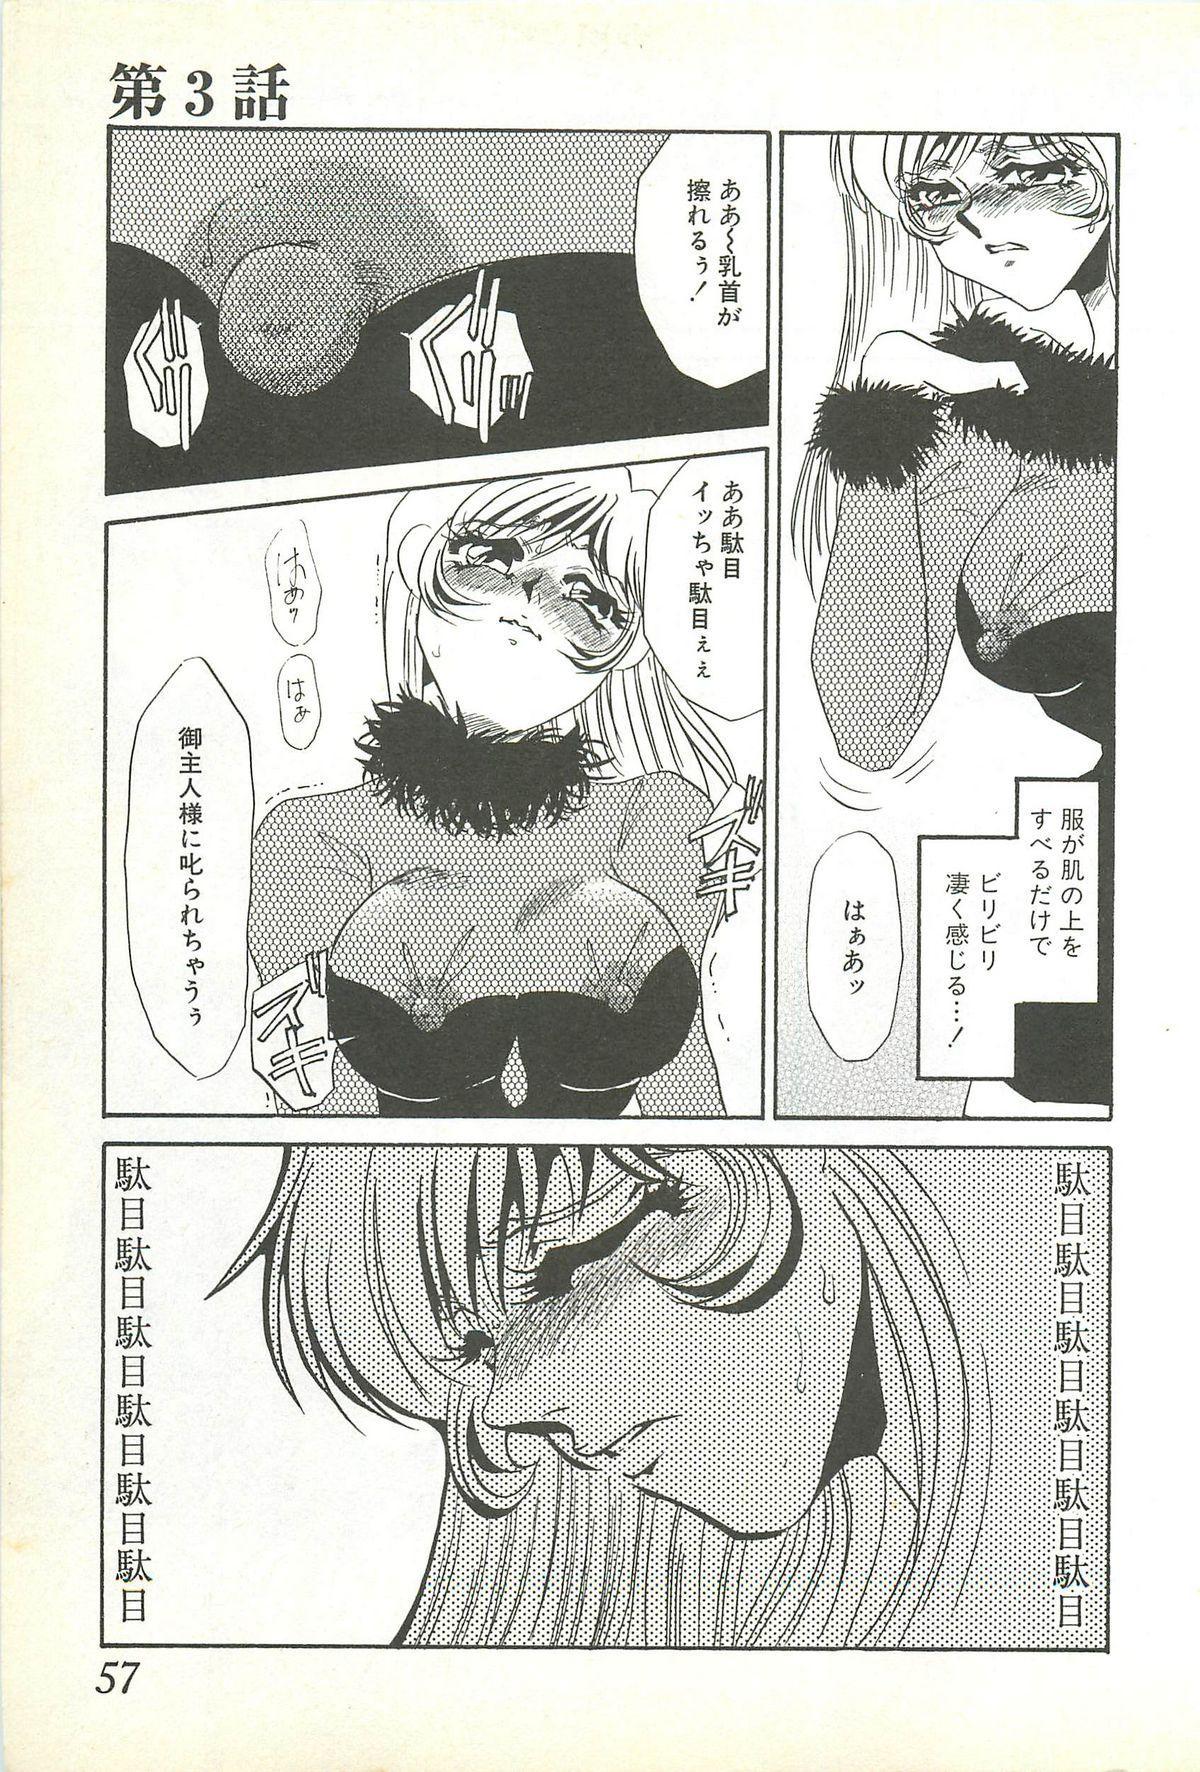 Chigyaku no Heya - A Shameful Punishment Room 53